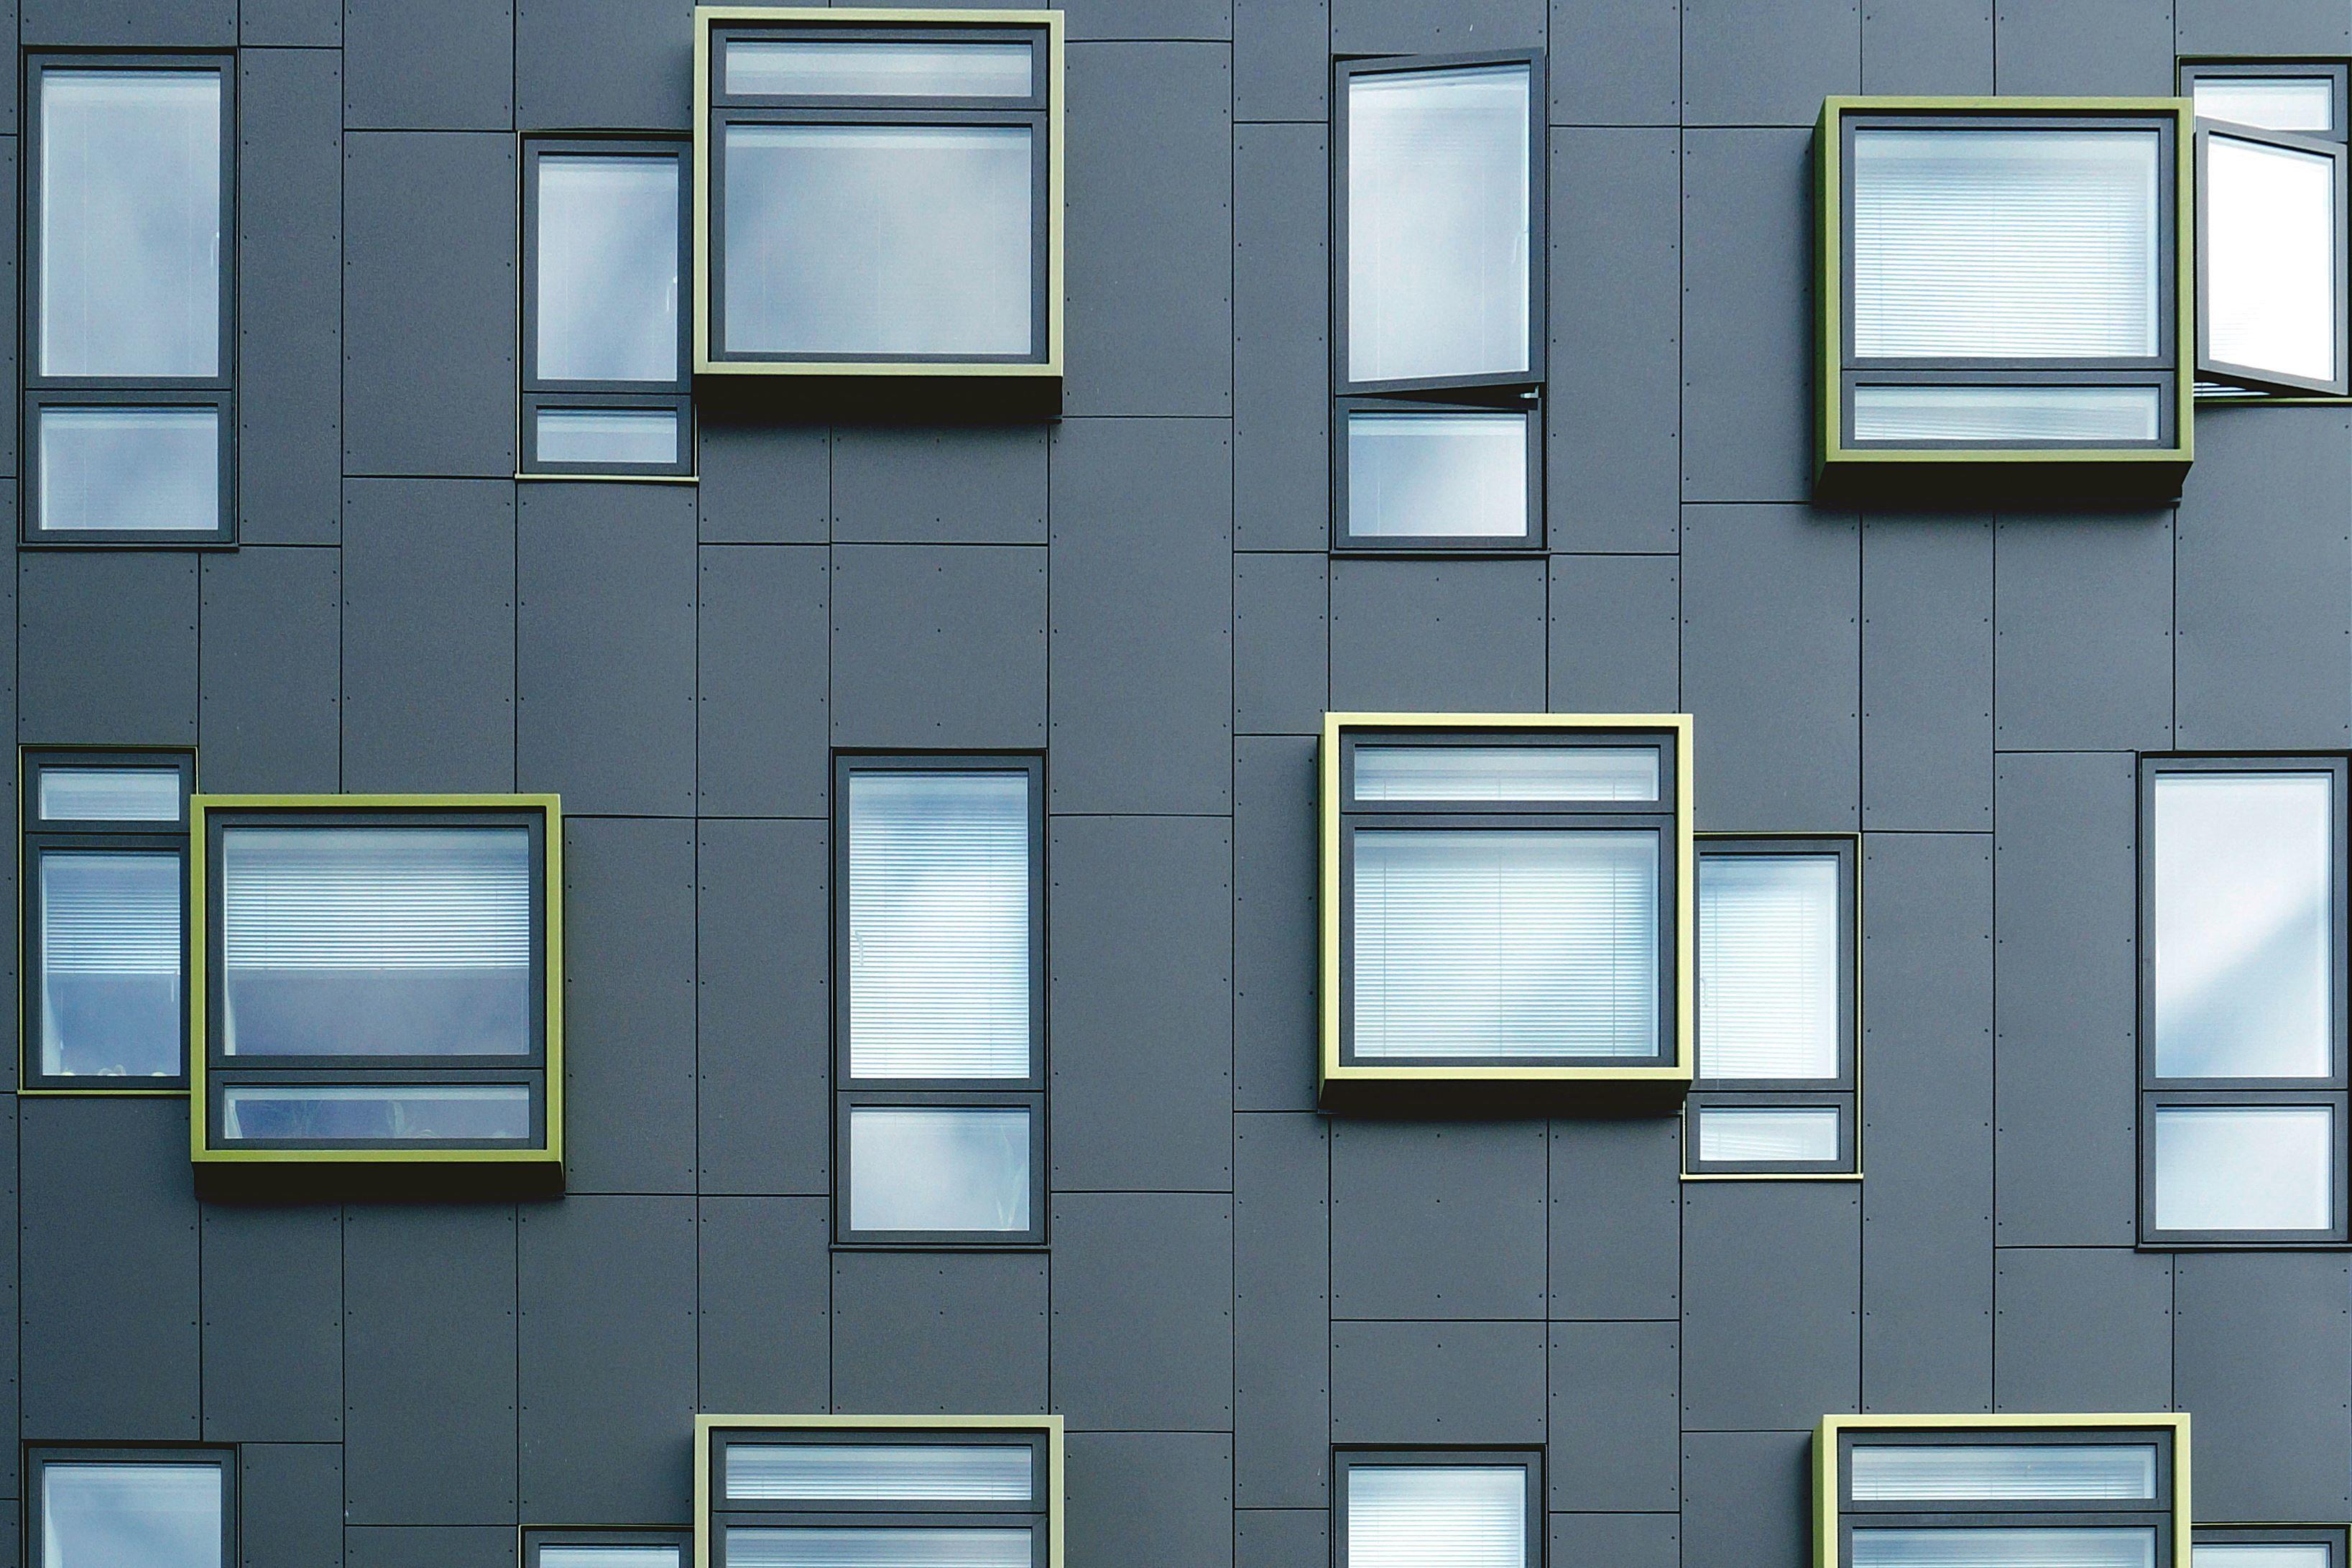 картинки окон в зданиях